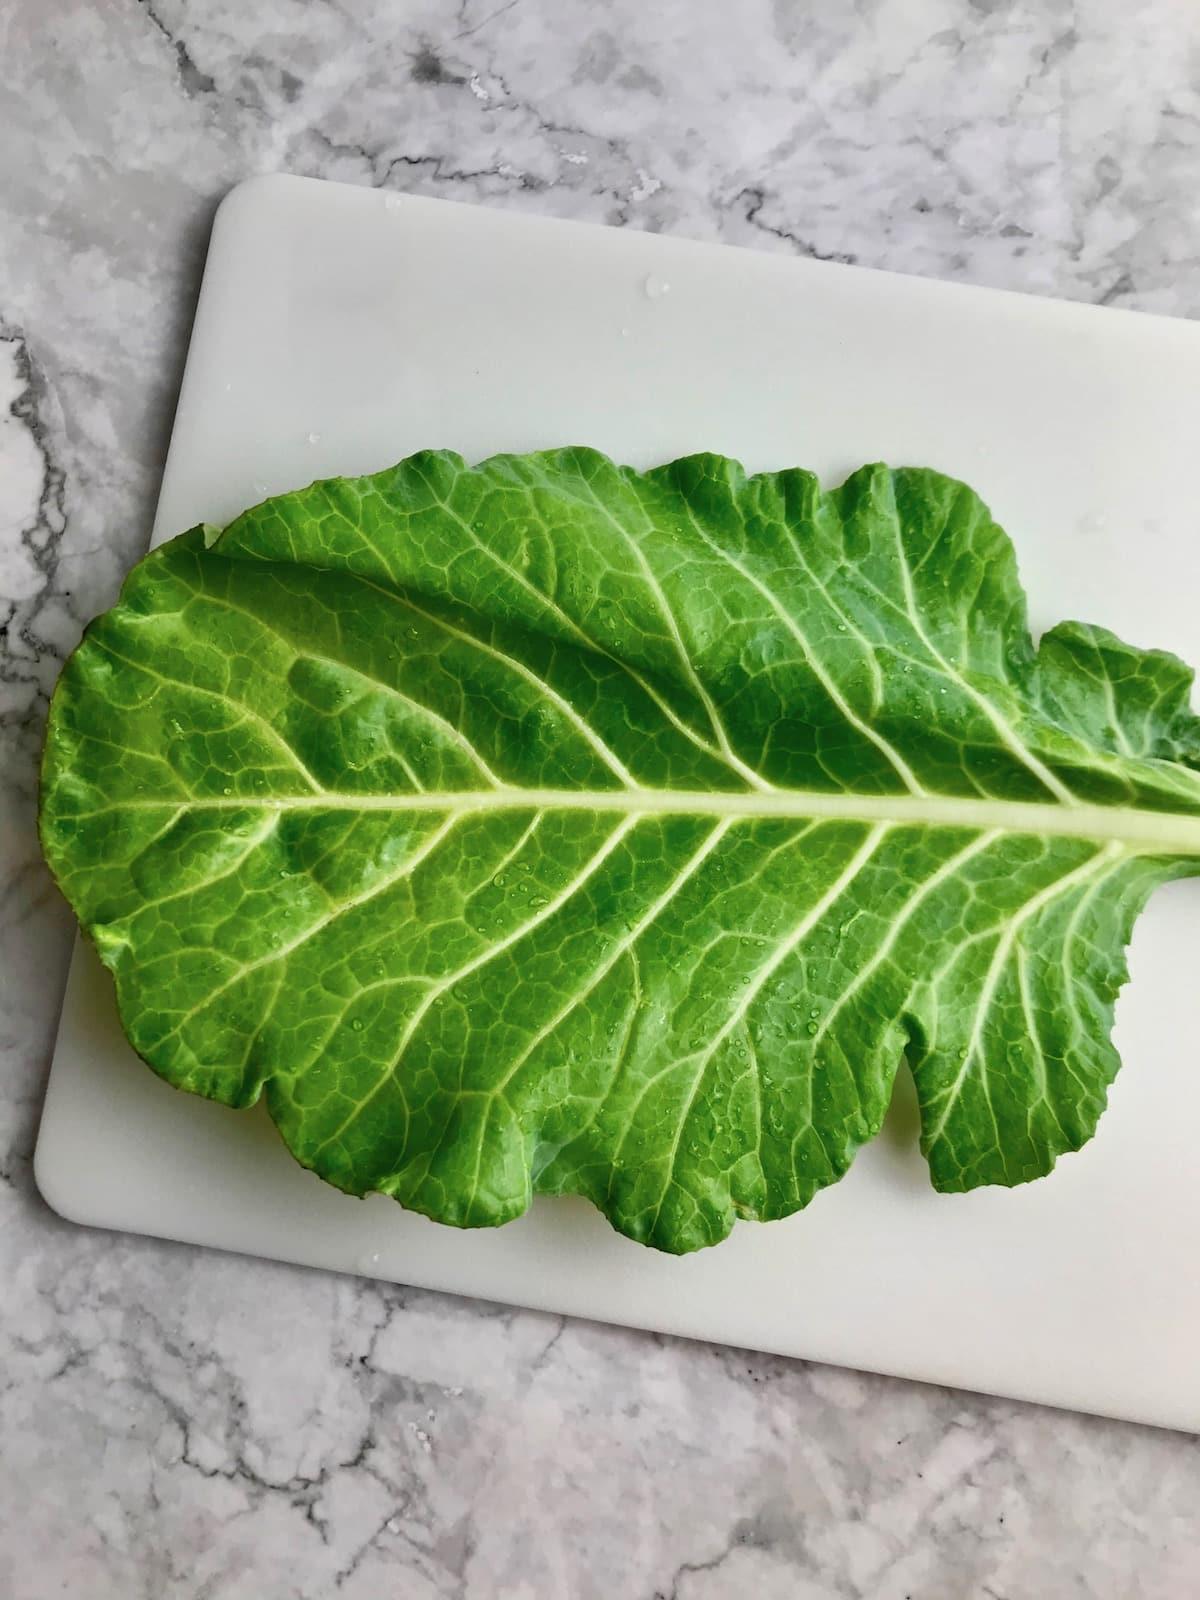 A collard leaf on a cutting board.